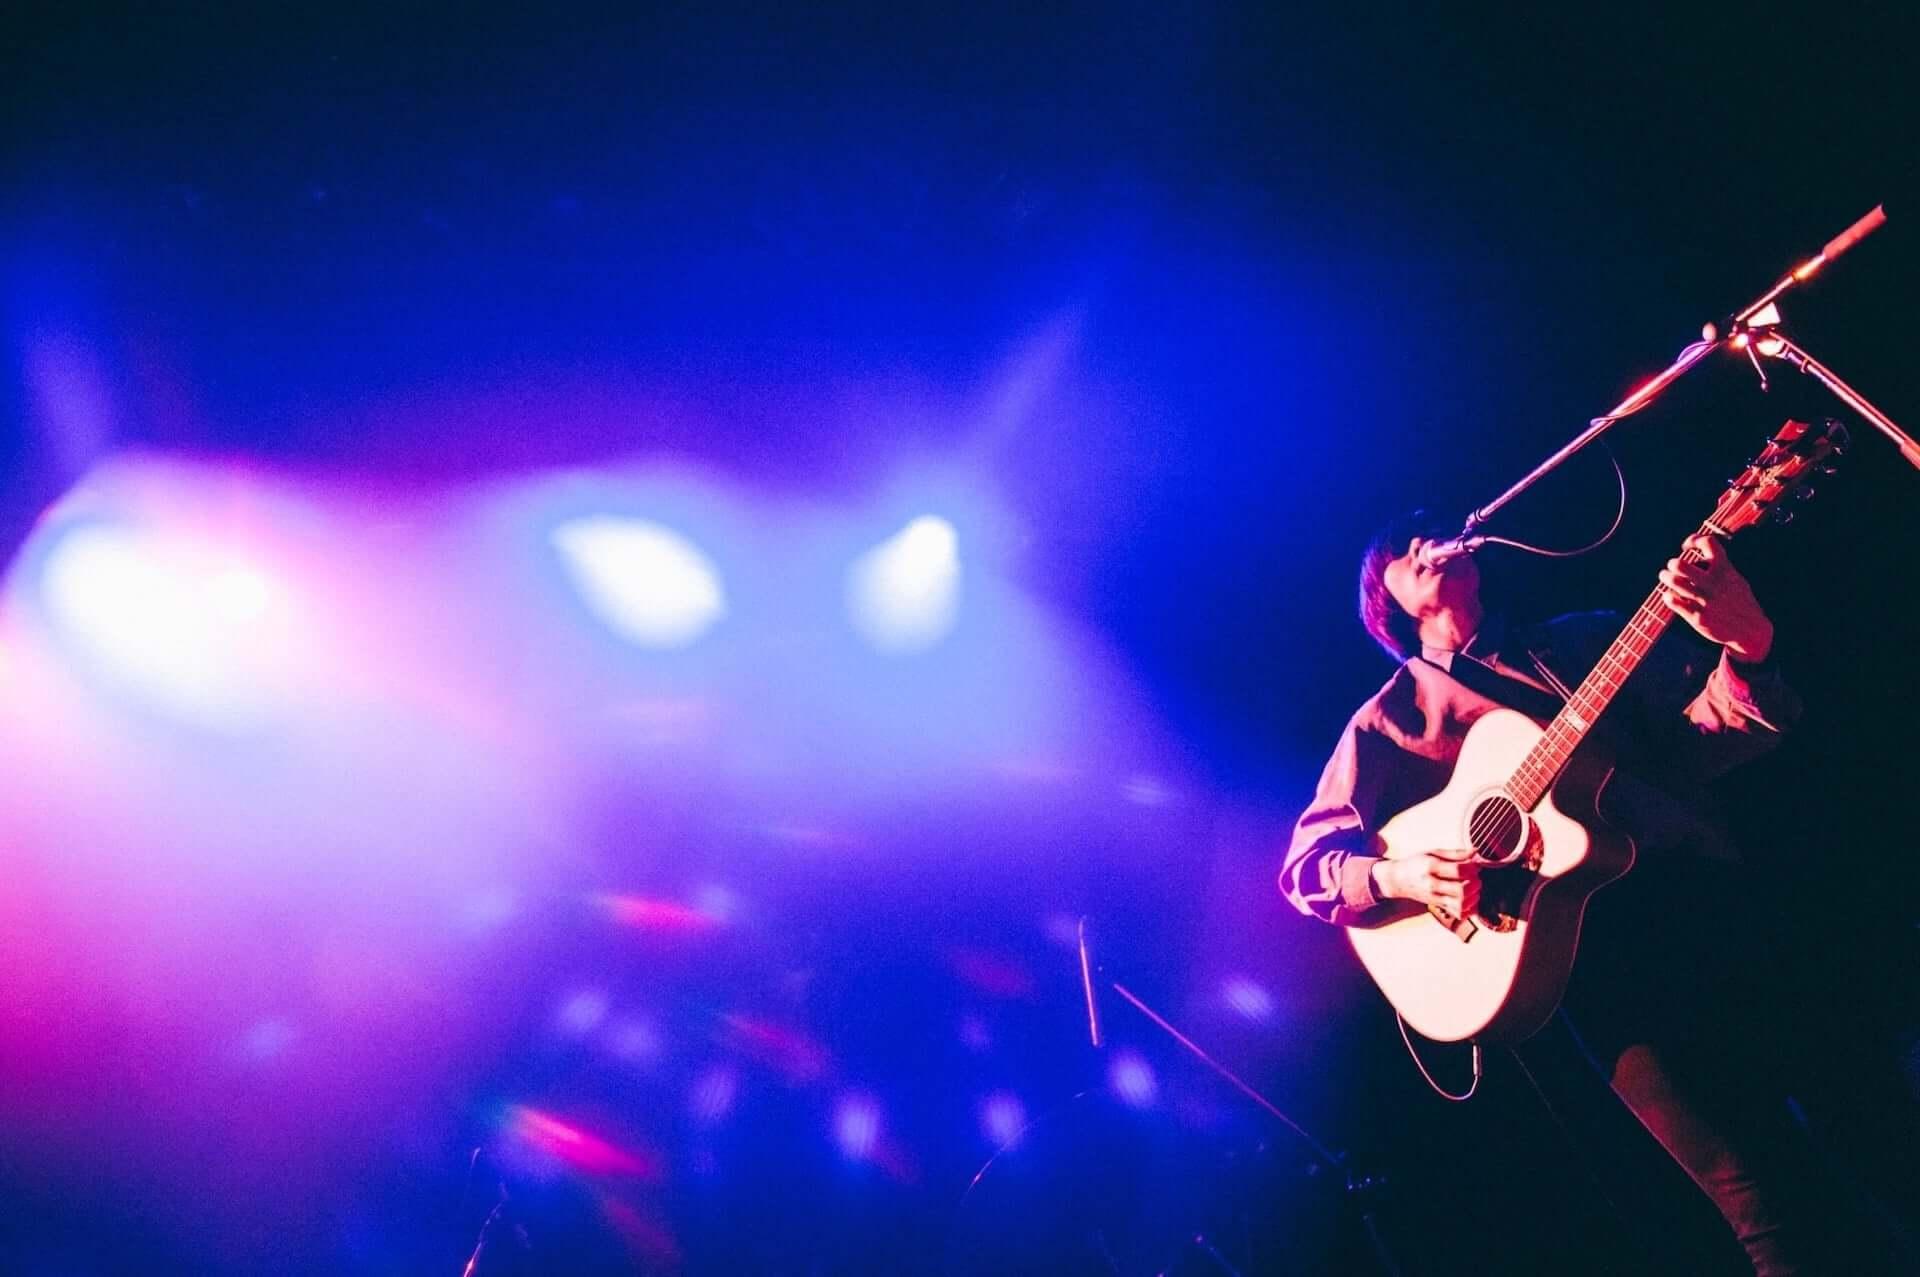 """君島大空が1st EP収録曲""""夜を抜けて""""のライブ映像を公開!渋谷WWWXで行われた夜会ツアー追加公演の映像第2弾 music200605_kimishimaoozora_01-1920x1277"""